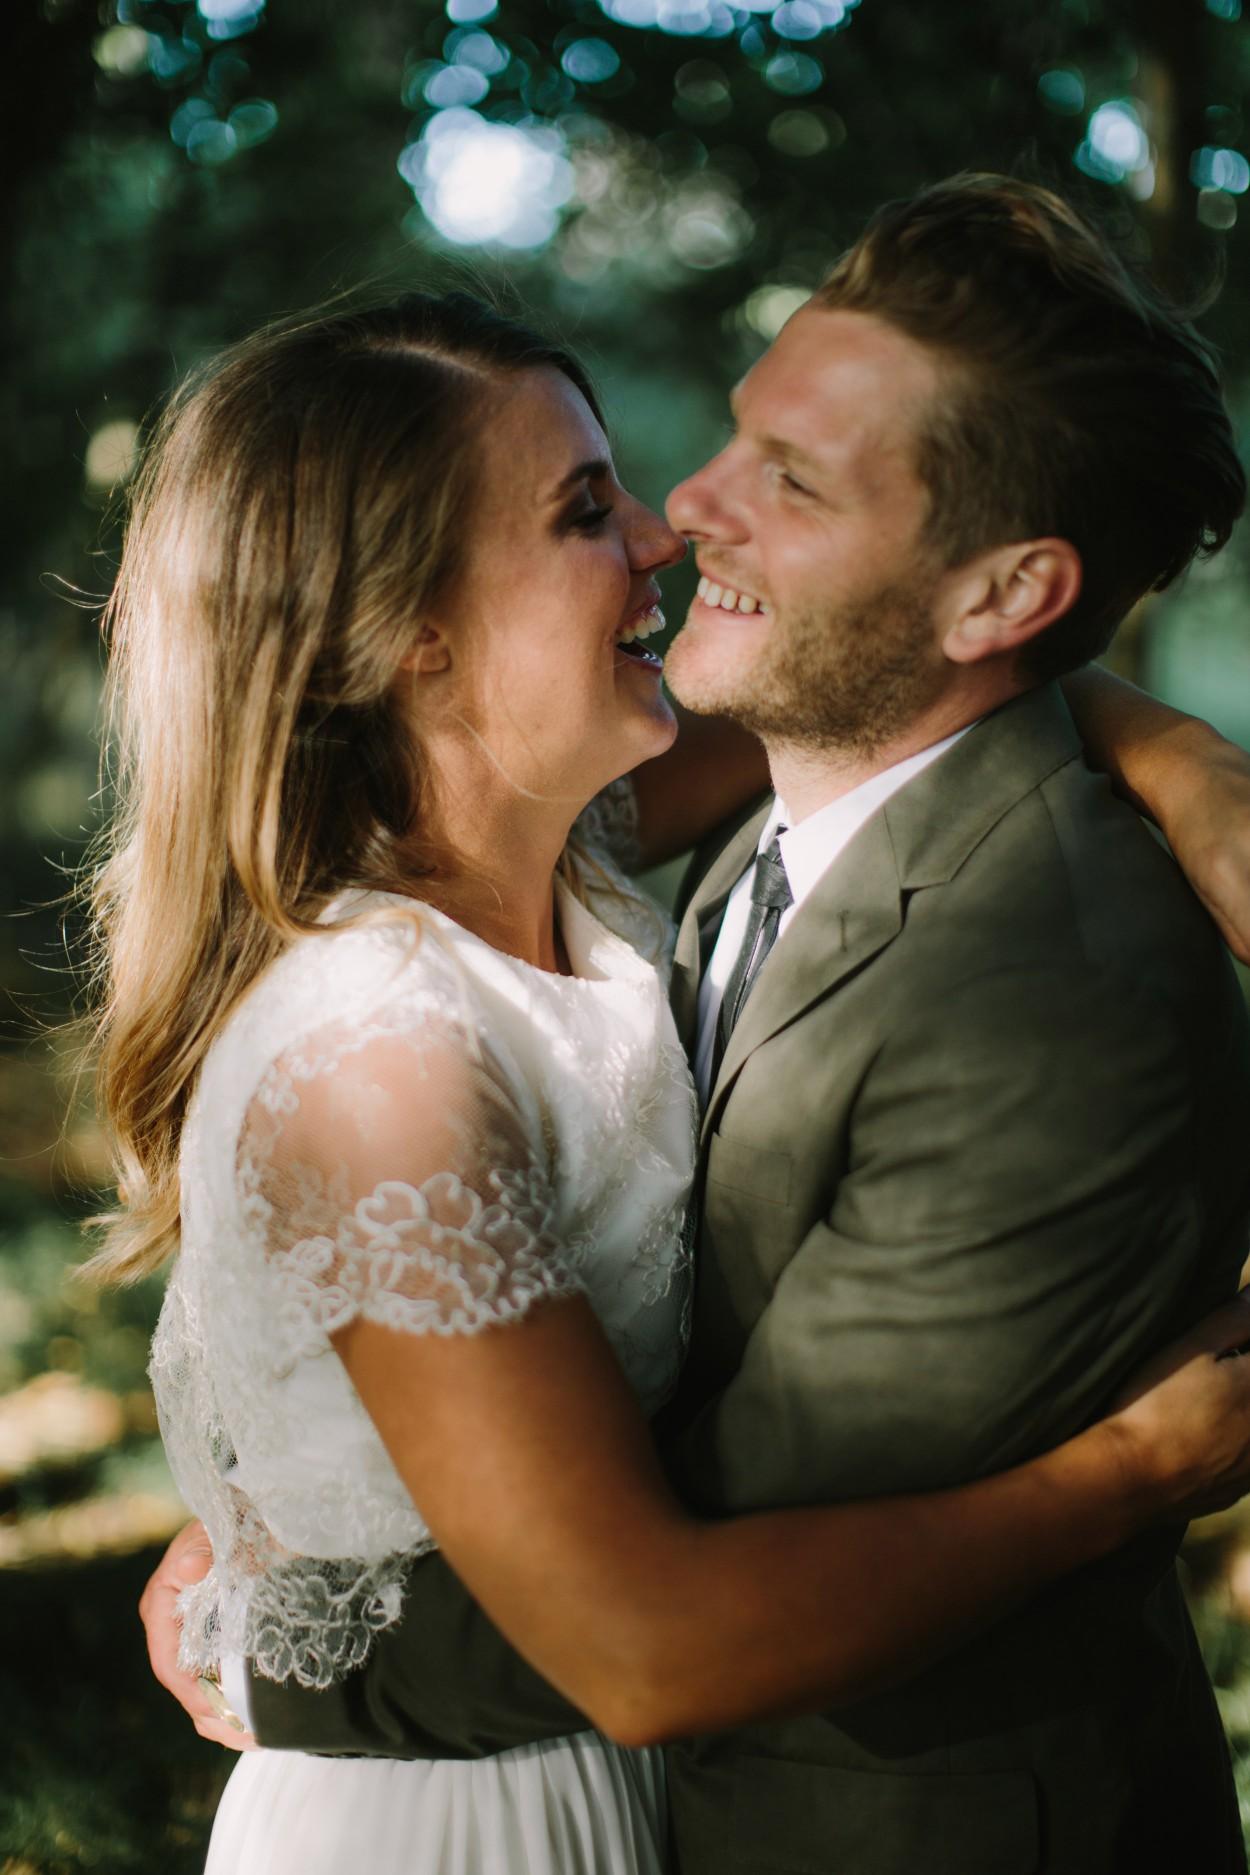 I-Got-You-Babe-Weddings-Hawkes-Bay-NZ-Wedding-Aleisha-Rolly182.jpg